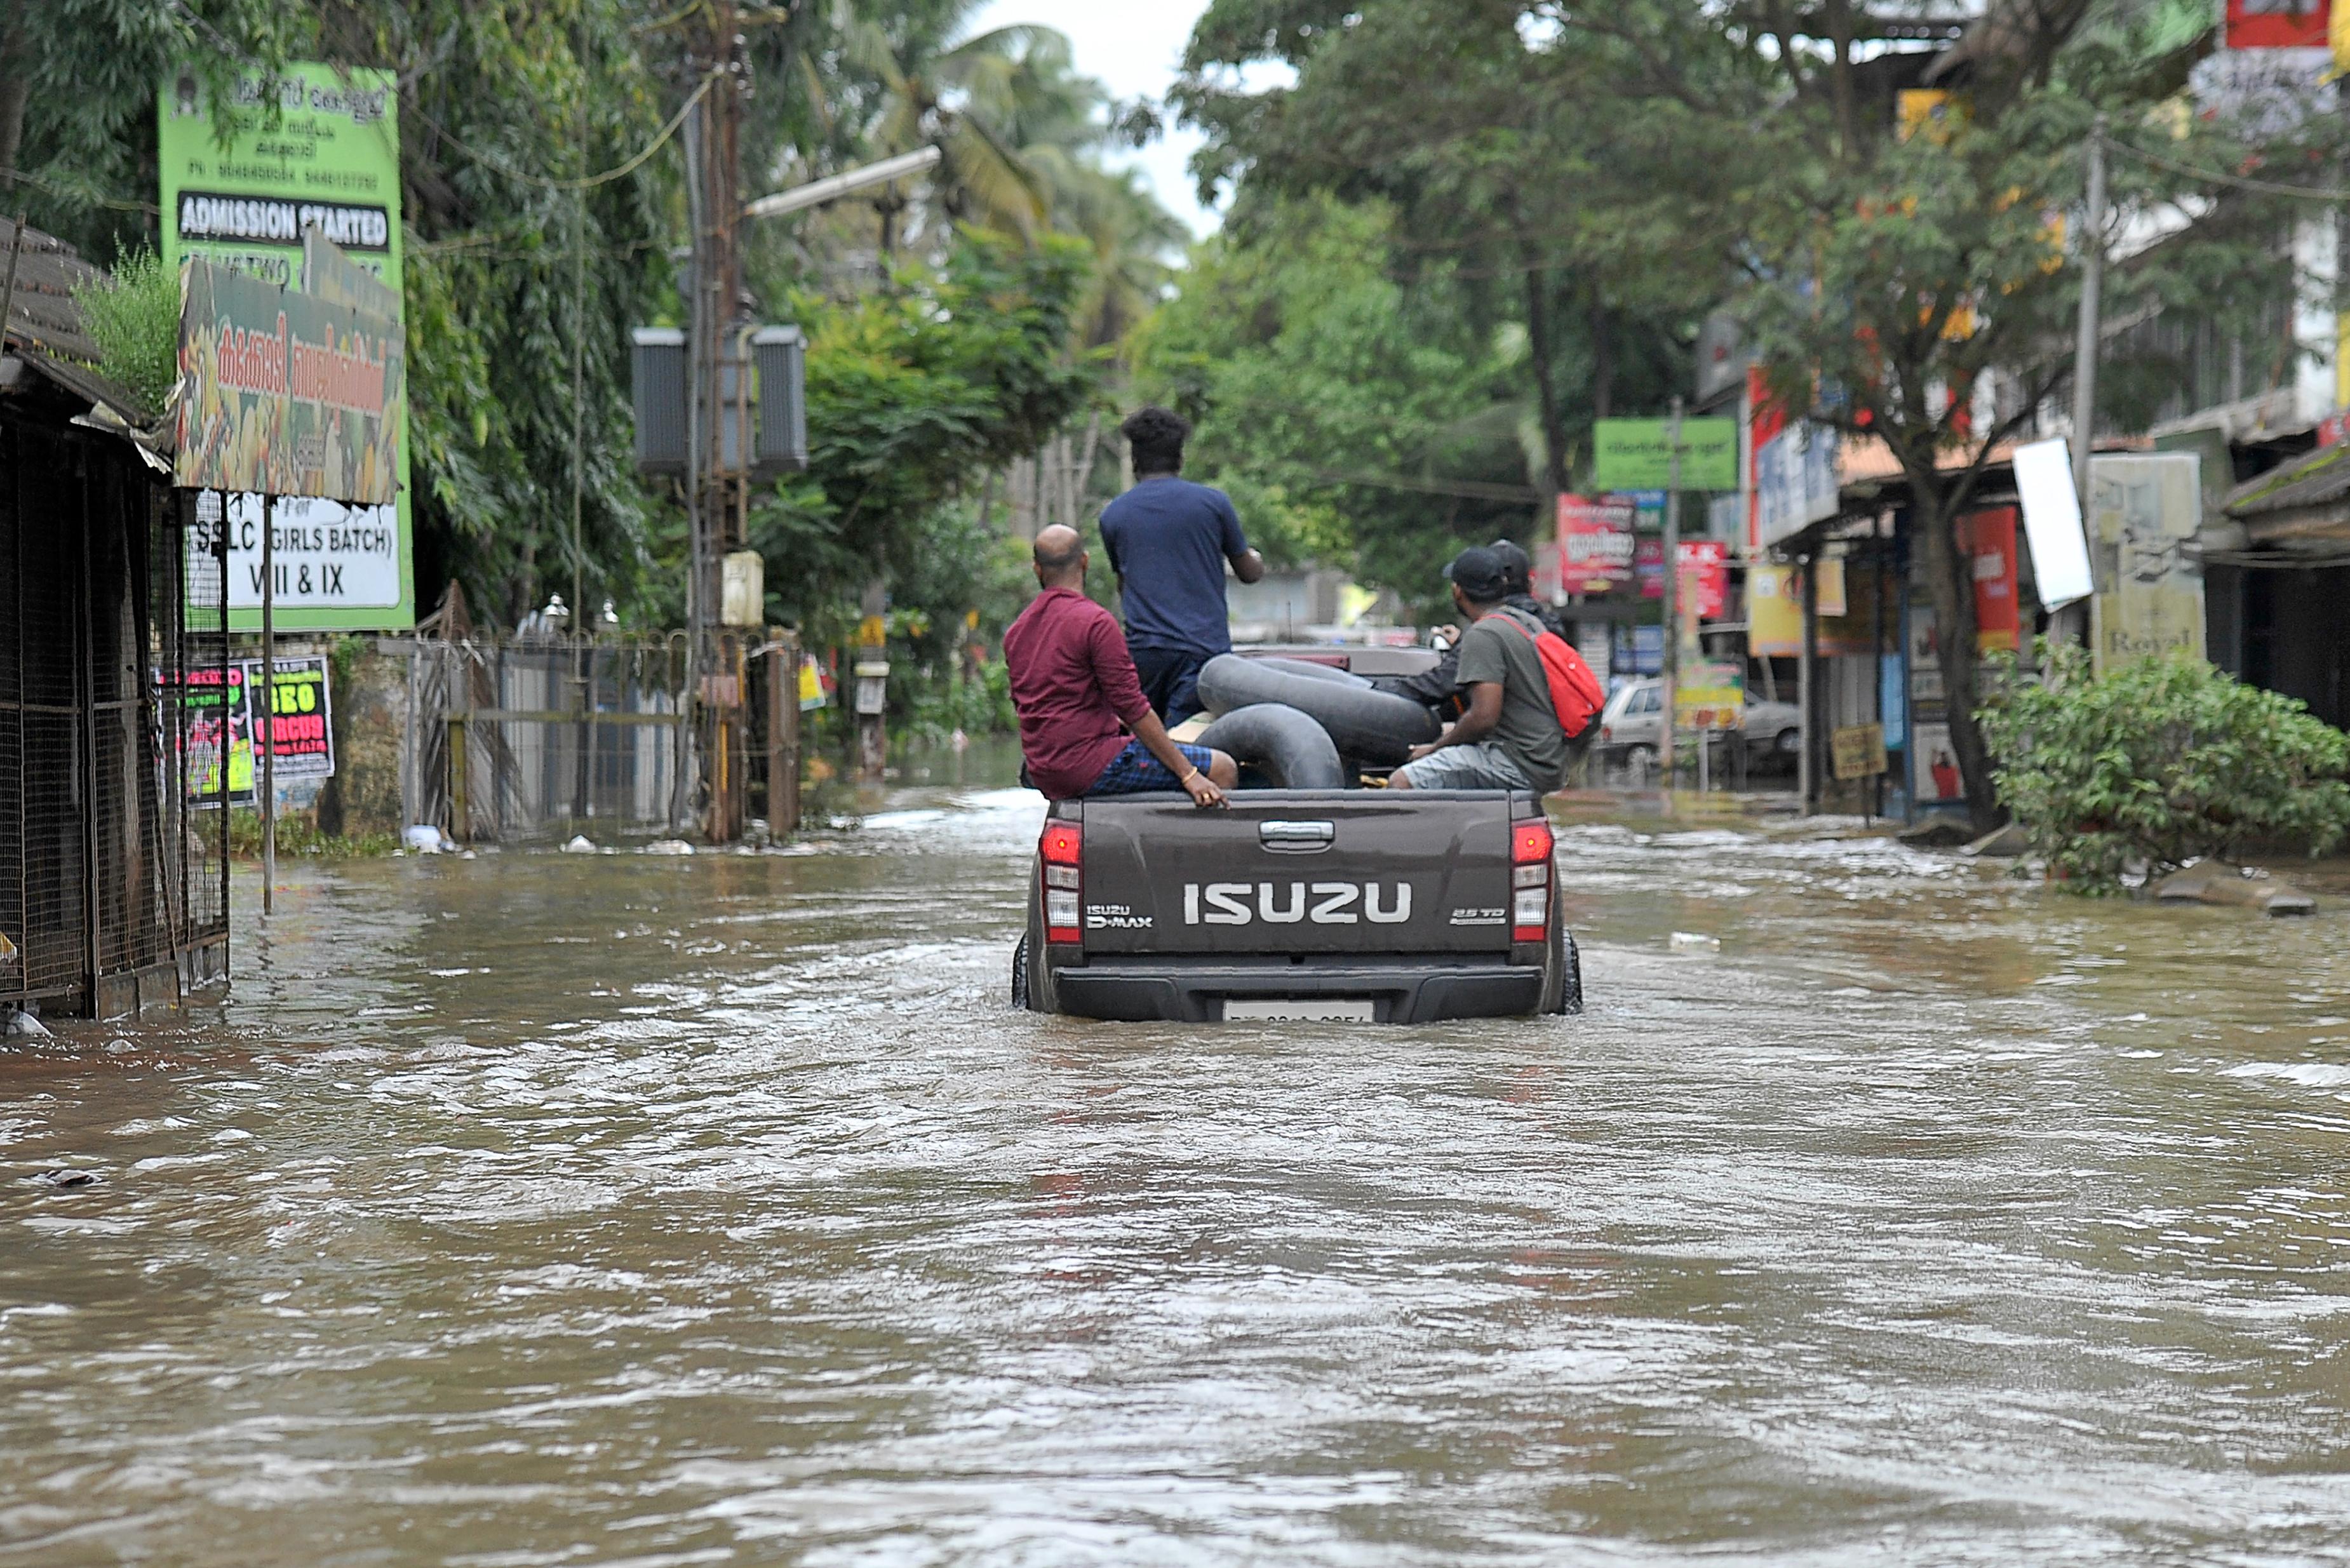 800 ezer ember veszítette el az otthonát Indiában az özönvíz miatt